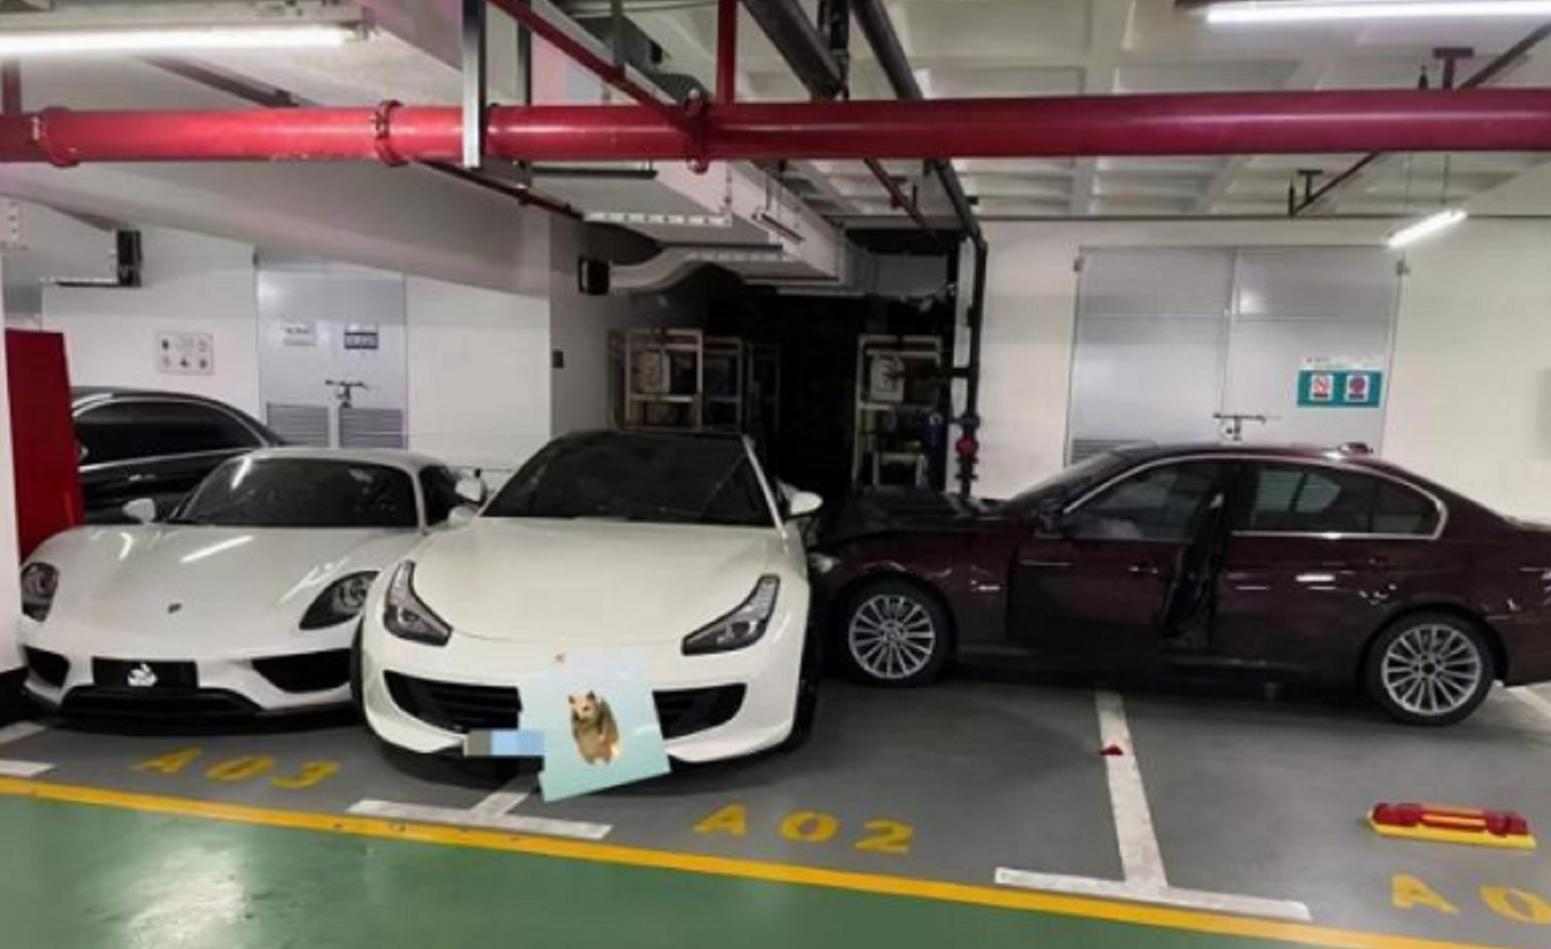 上海一宝马女司机怒撞百万法拉利,一旁千万保时捷918受损,两车价值近2000万